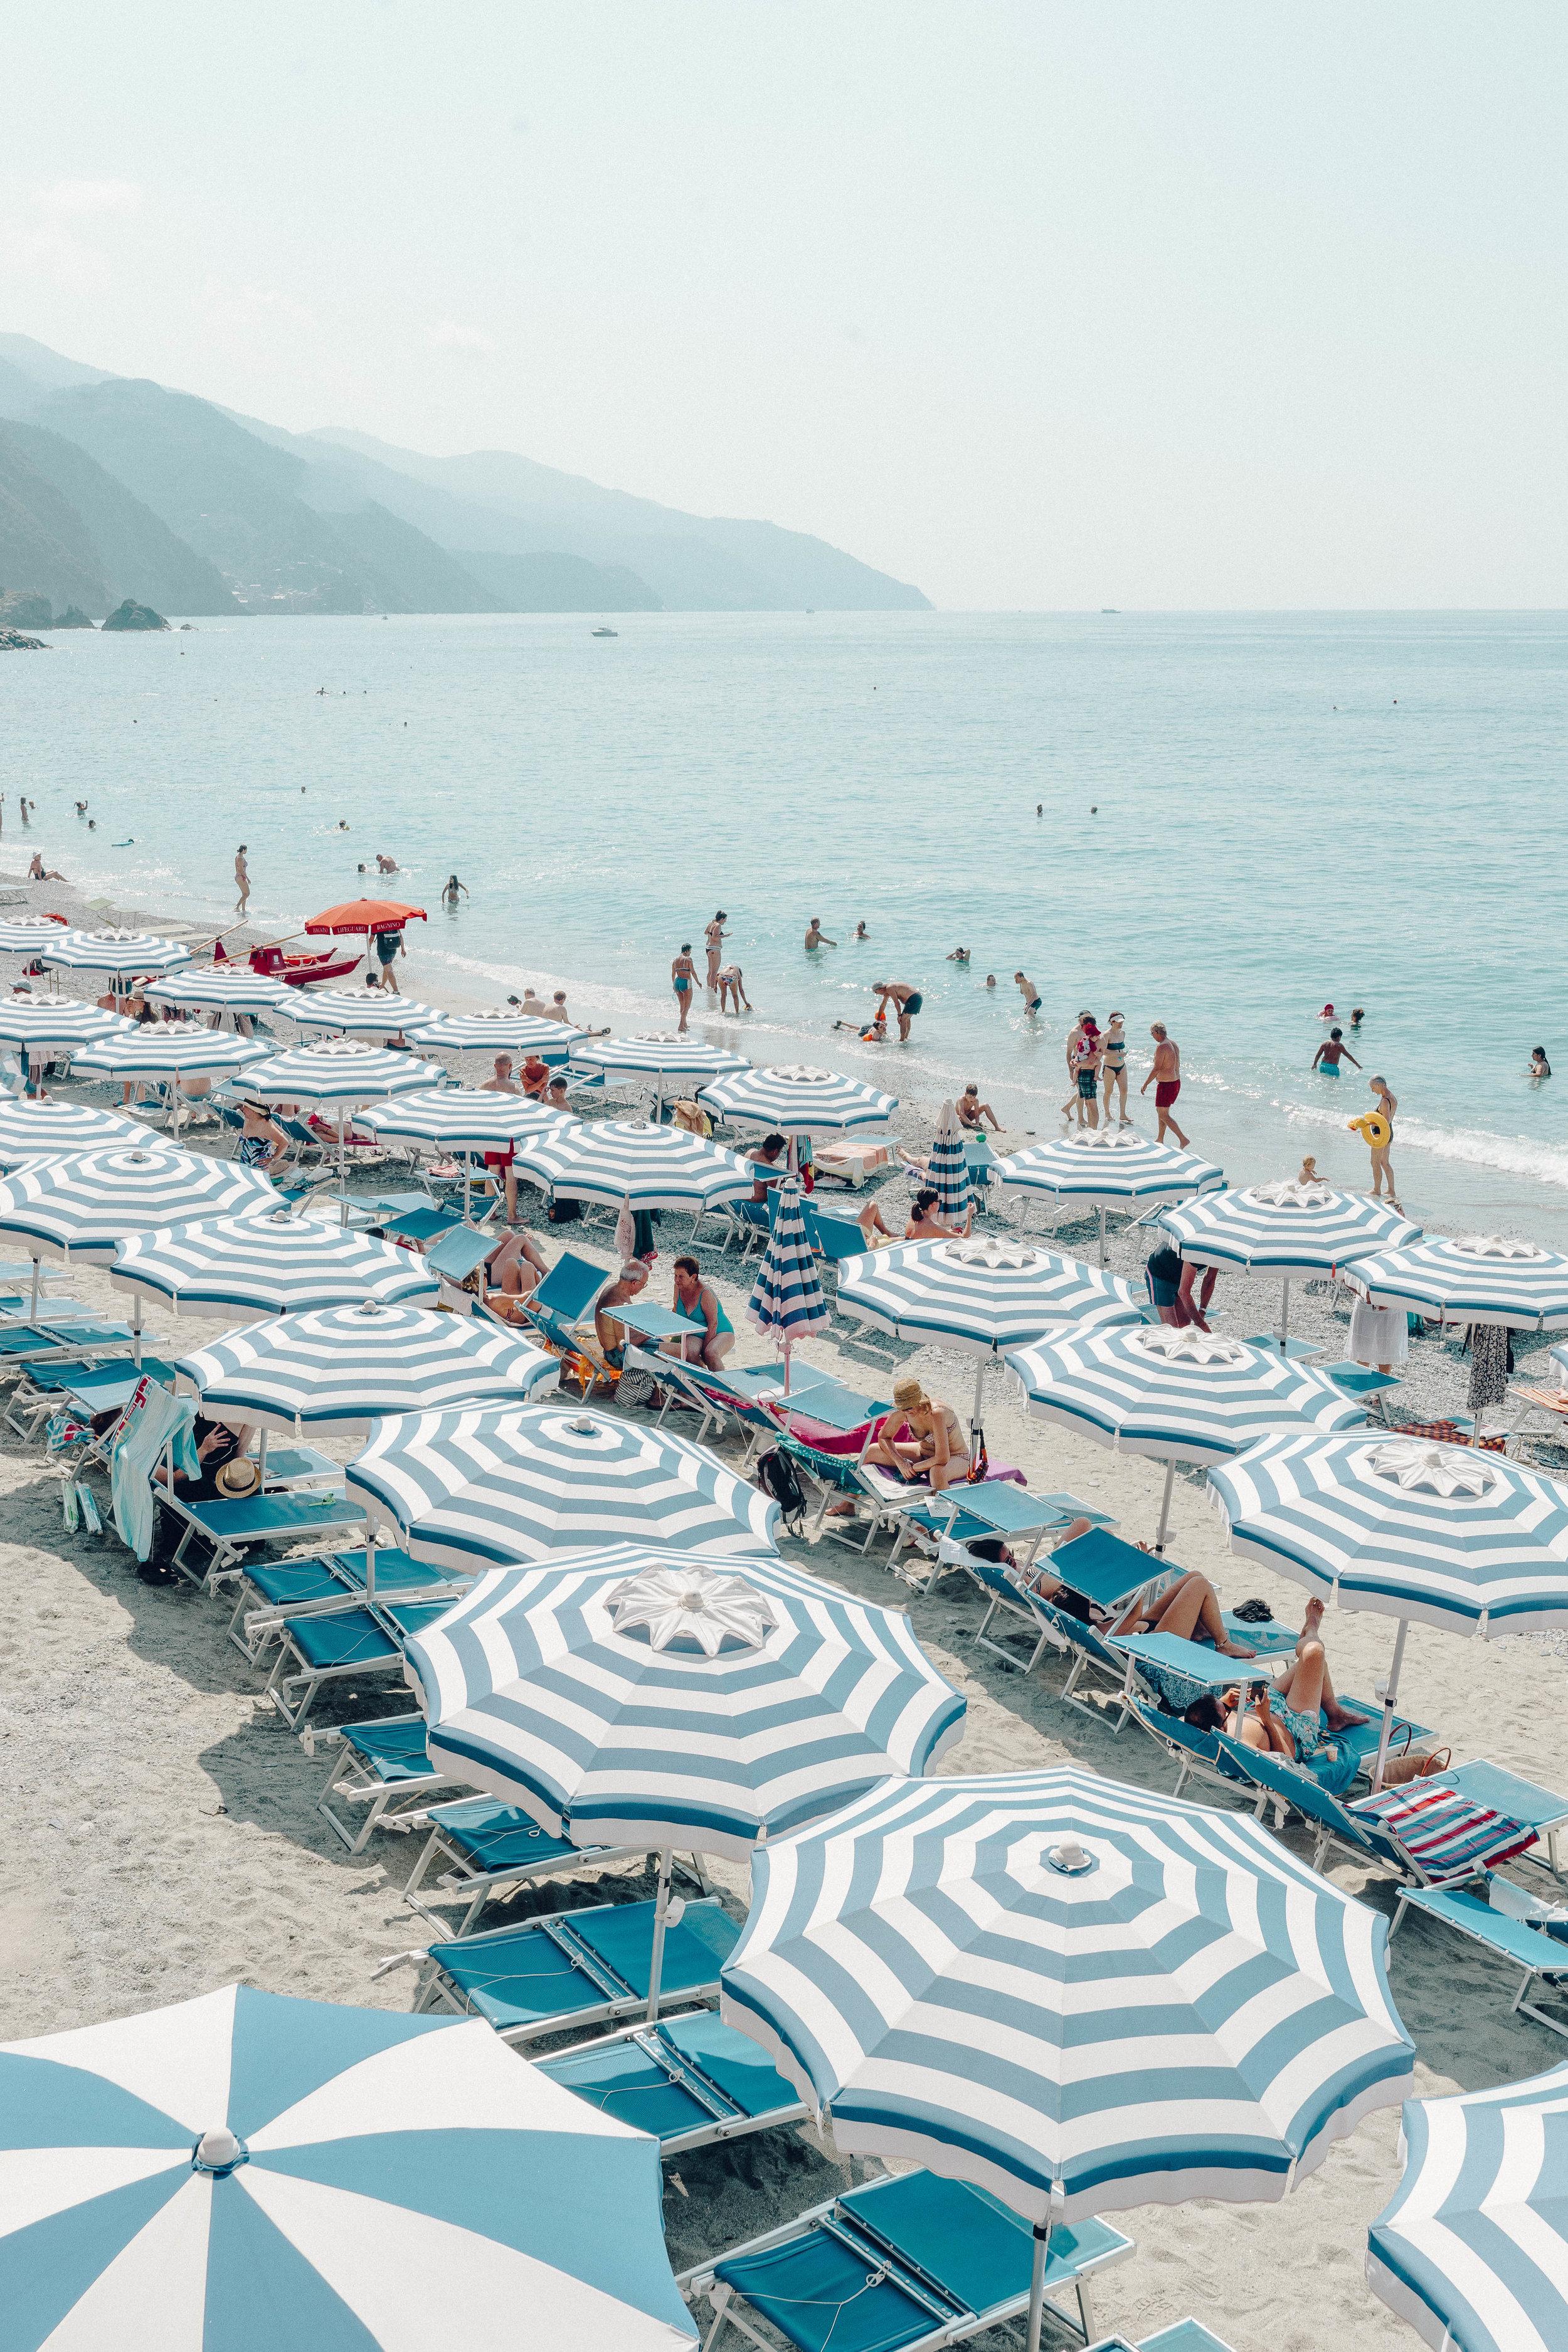 ASROSENVINGE_Roadtrip_Italy_Puglia-07934.jpg